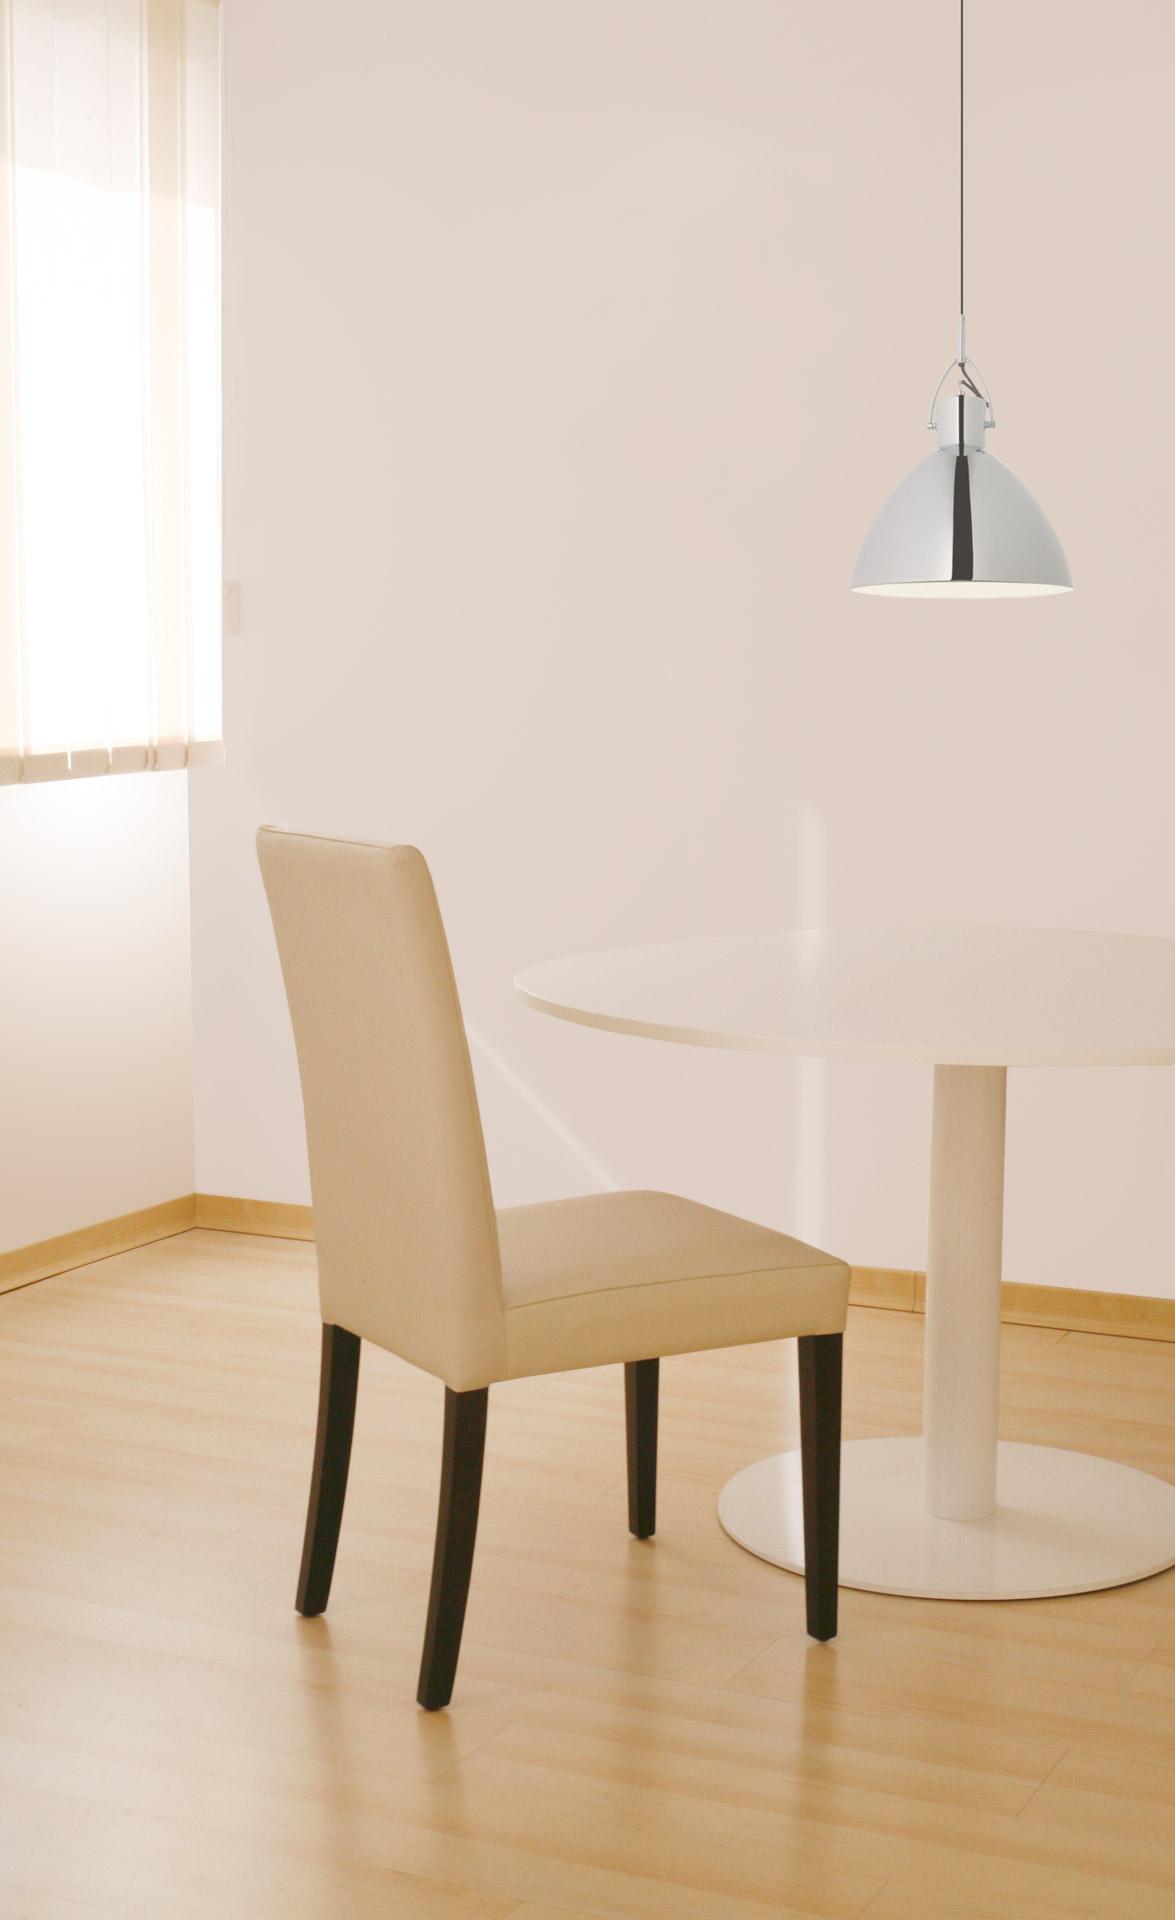 Sillas y sillones para zonas comunes de residencias